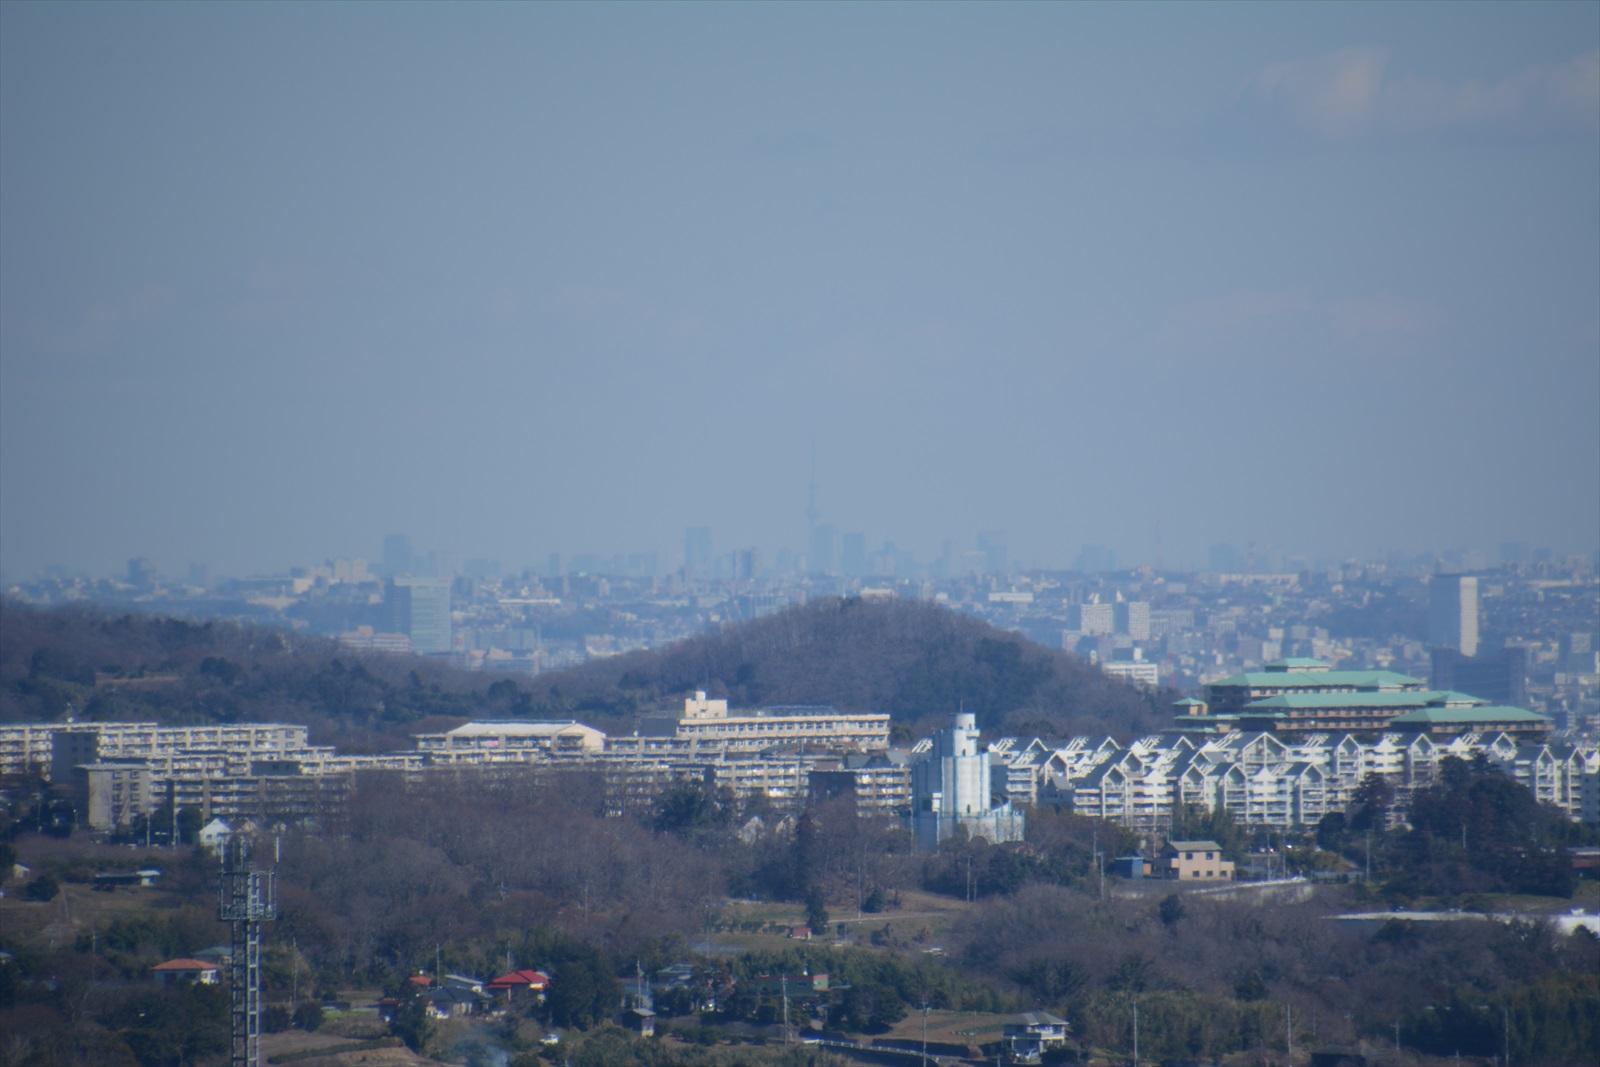 曽我丘陵から見たスカイツリー3